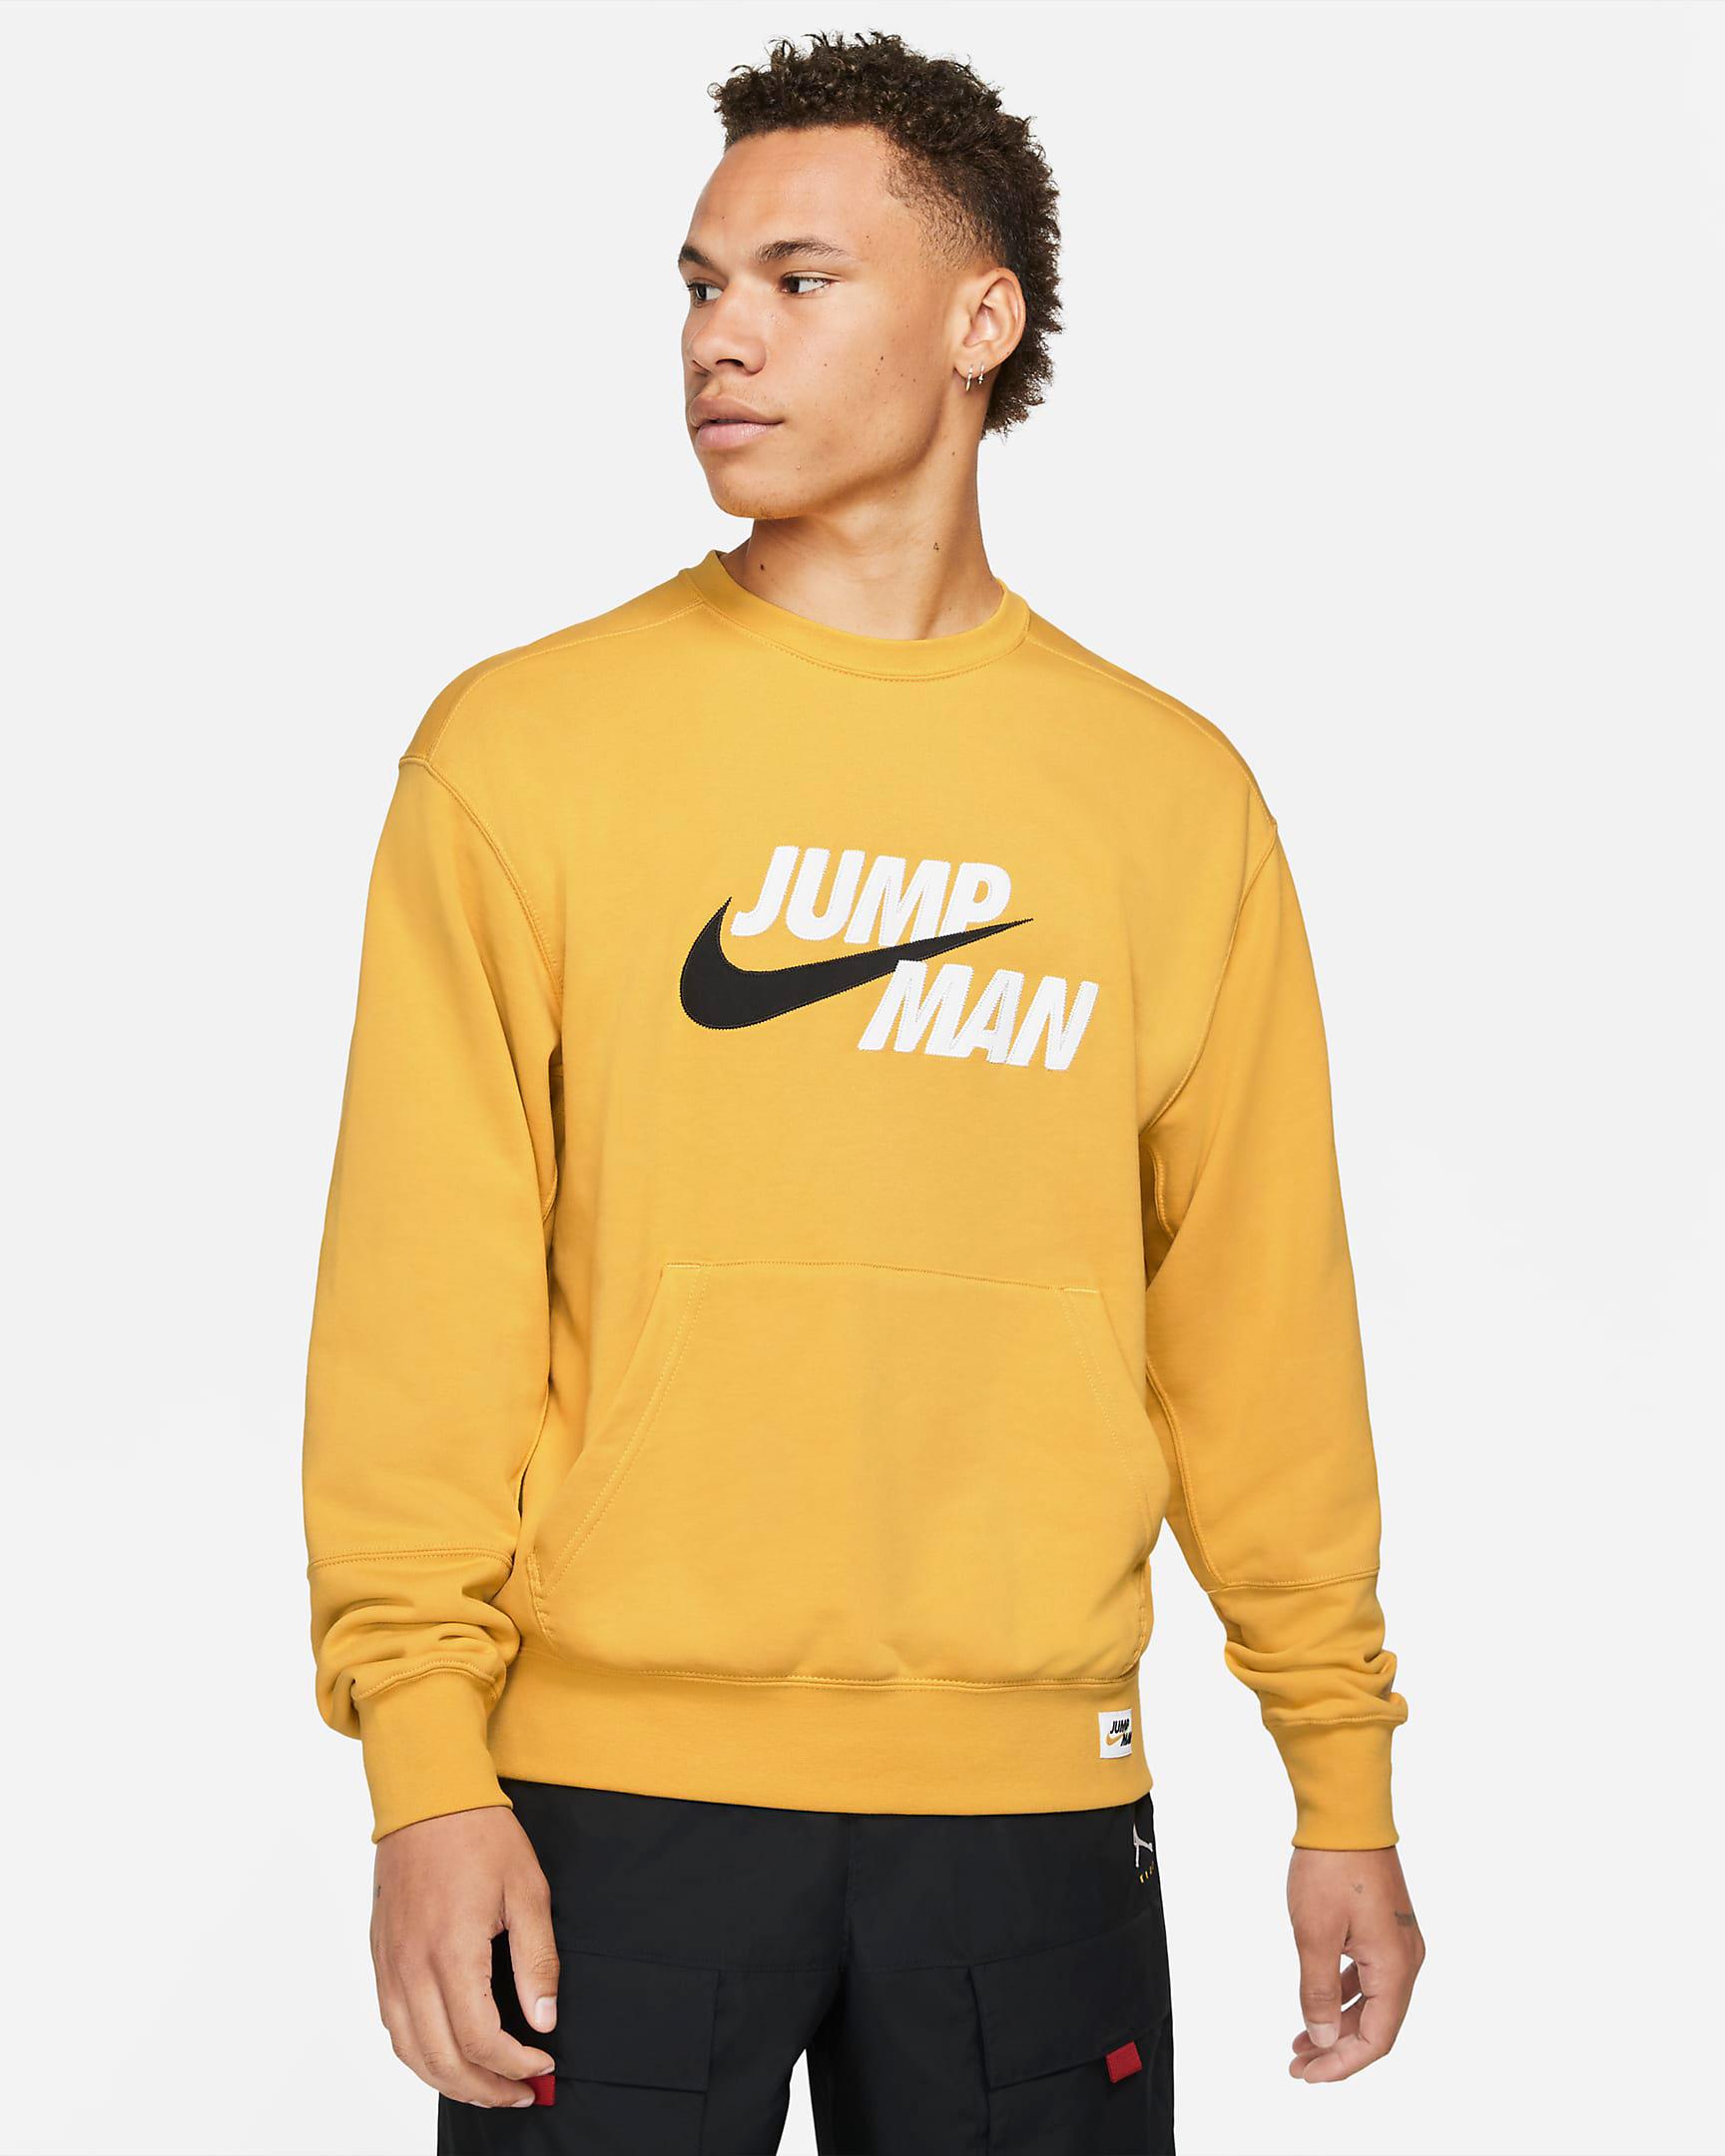 jordan-pollen-jumpman-sweatshirt